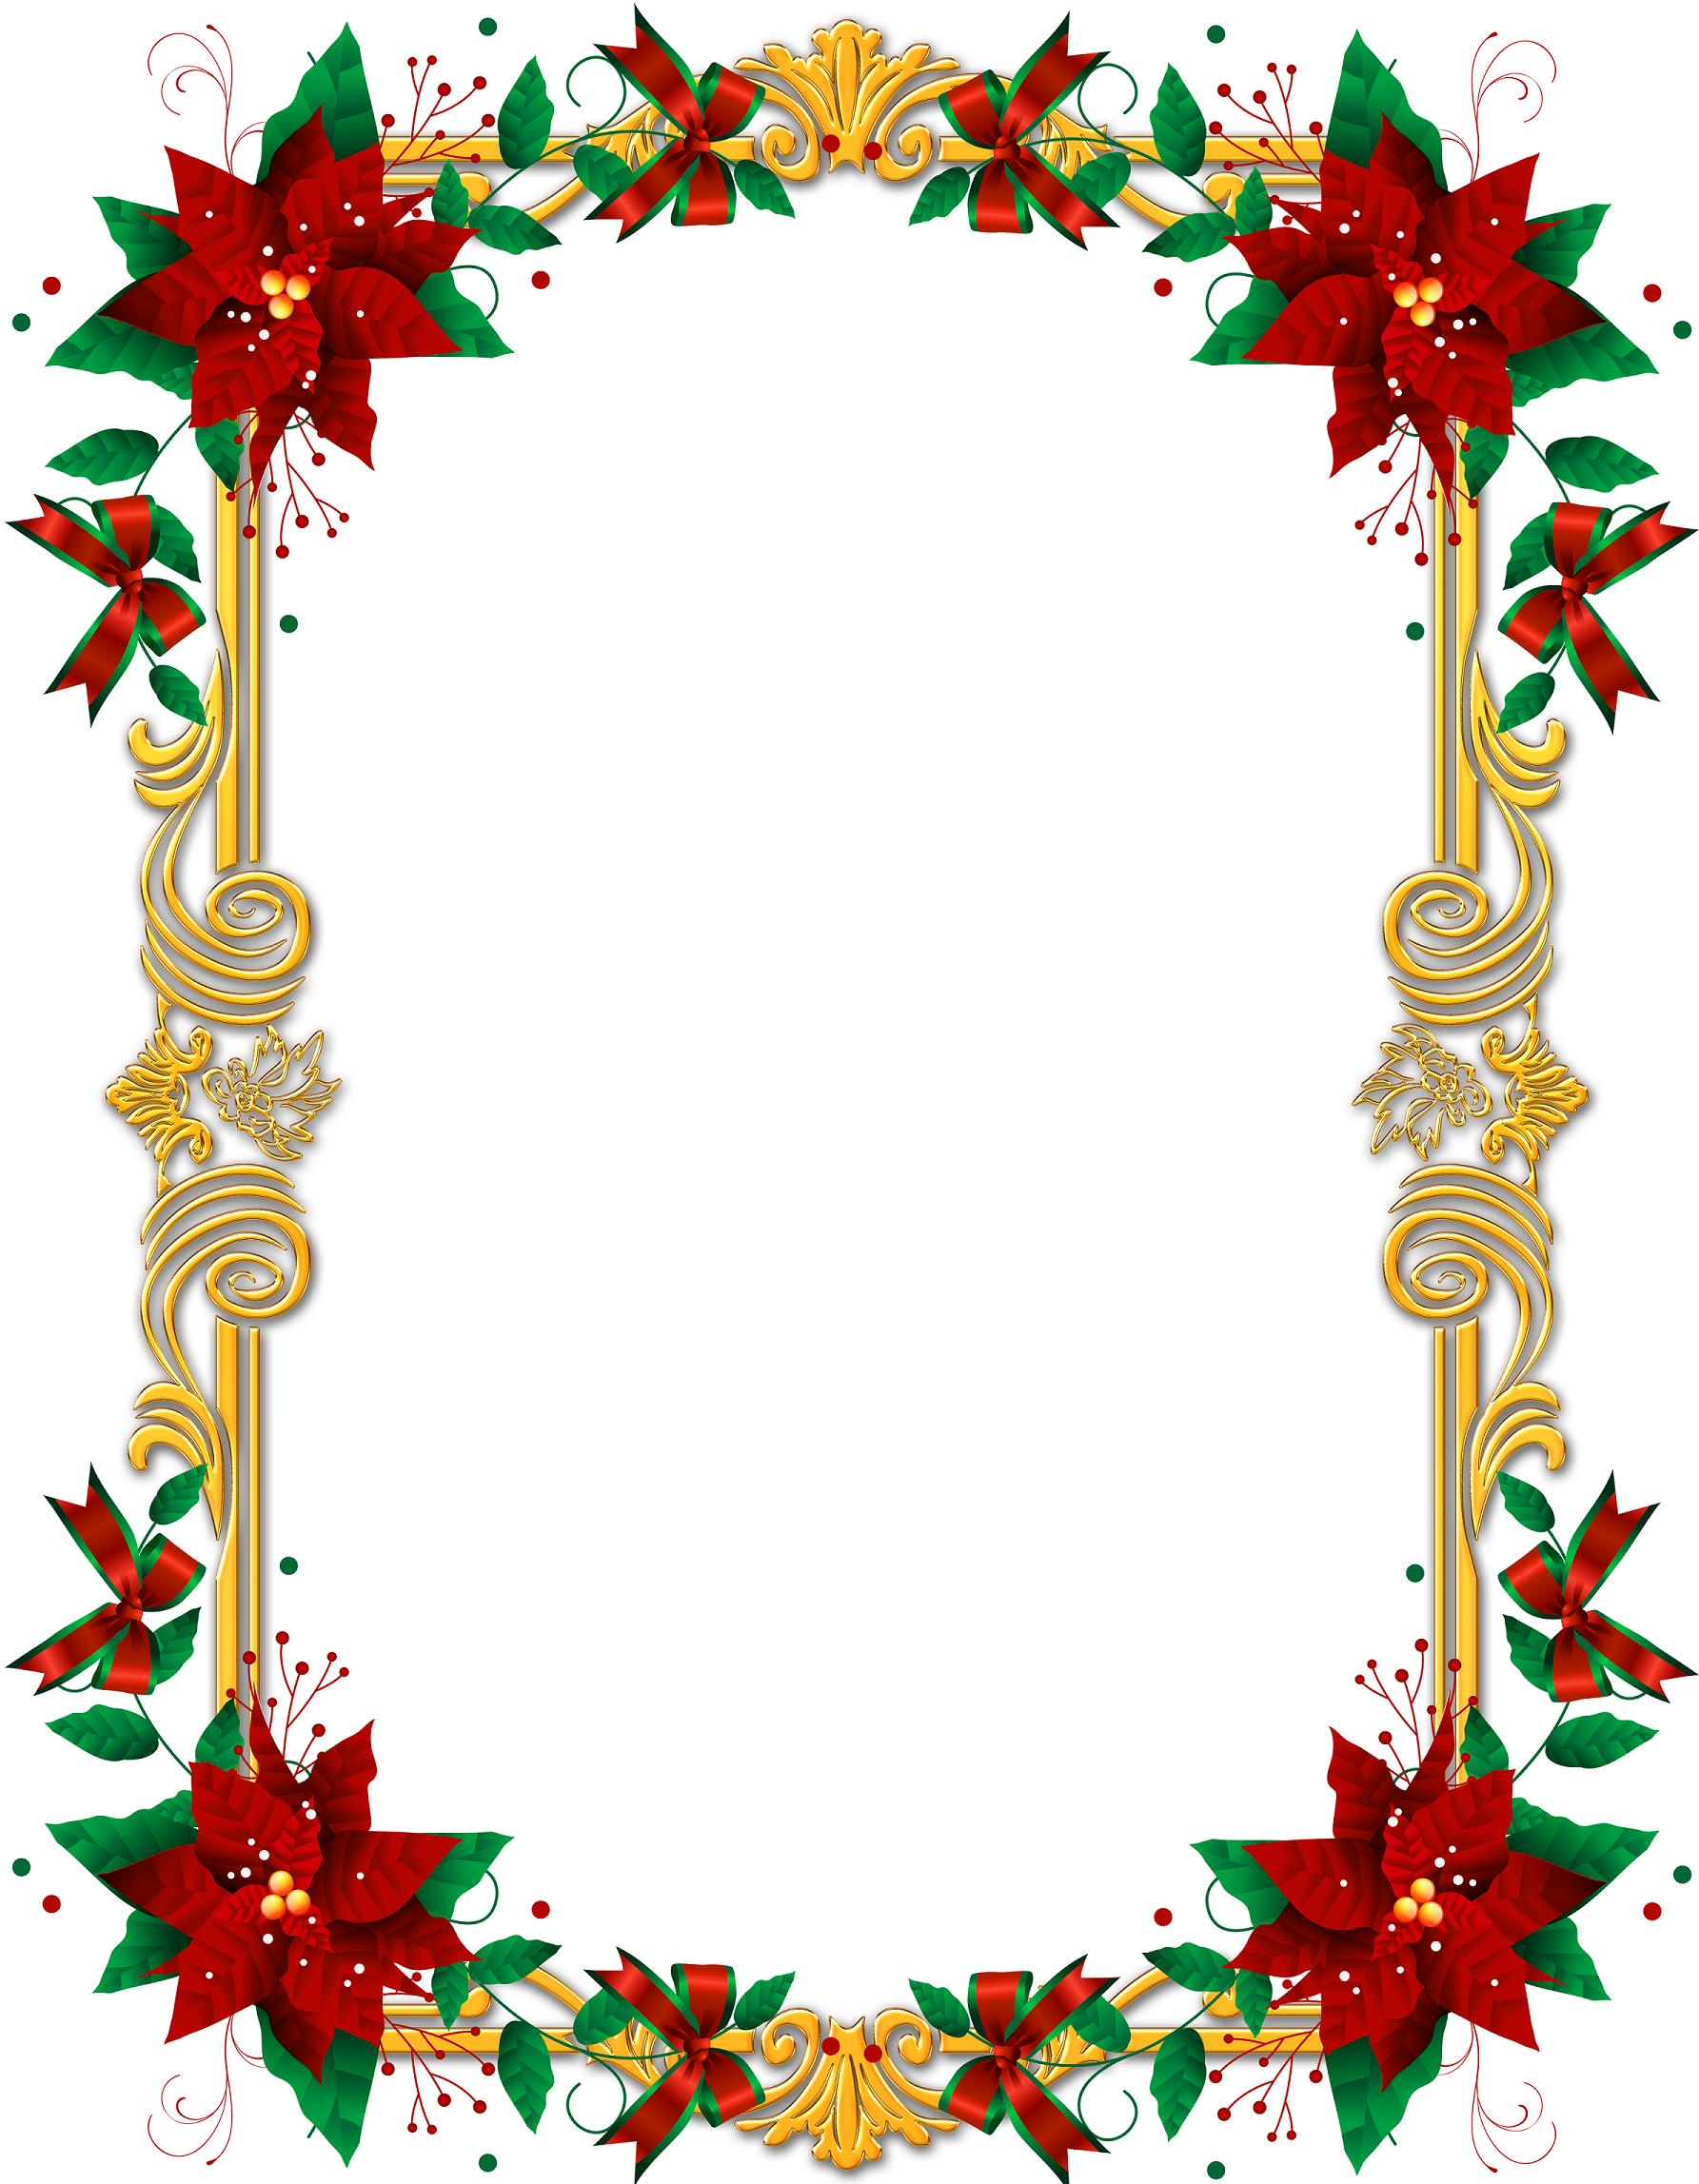 Marcos de navidad para editar en Photoshop gratis